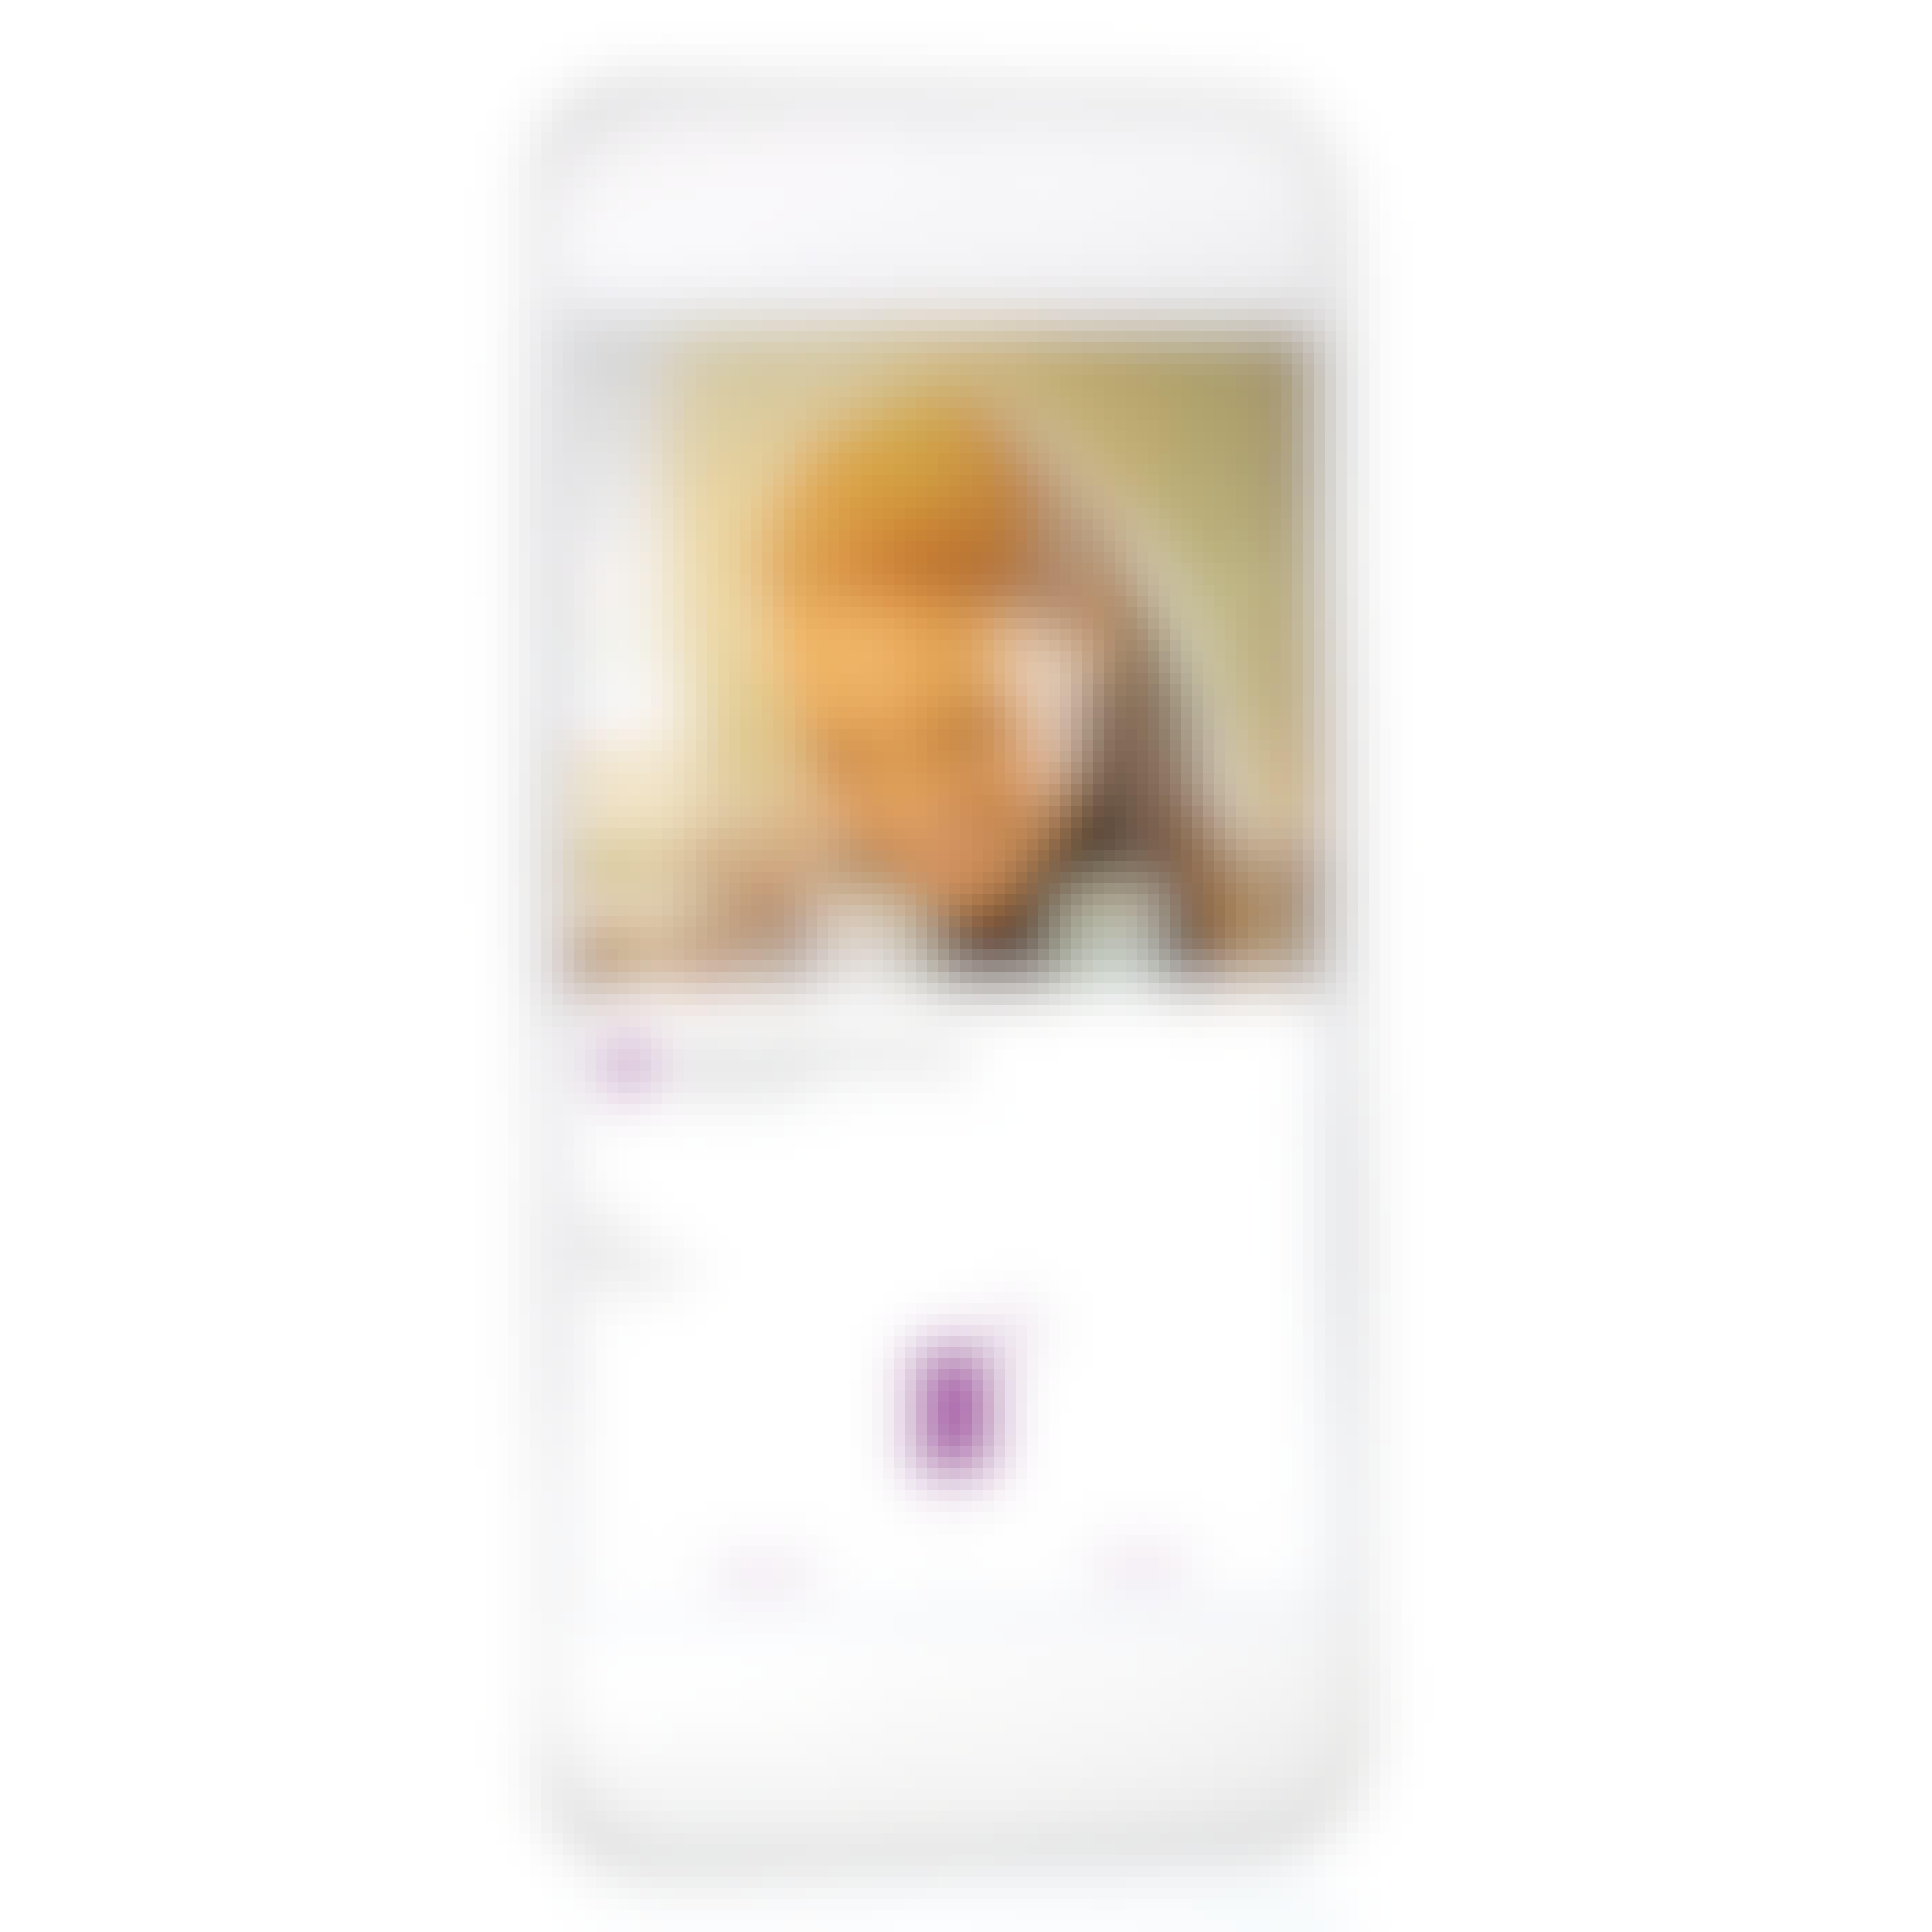 Bild vom Smartphone